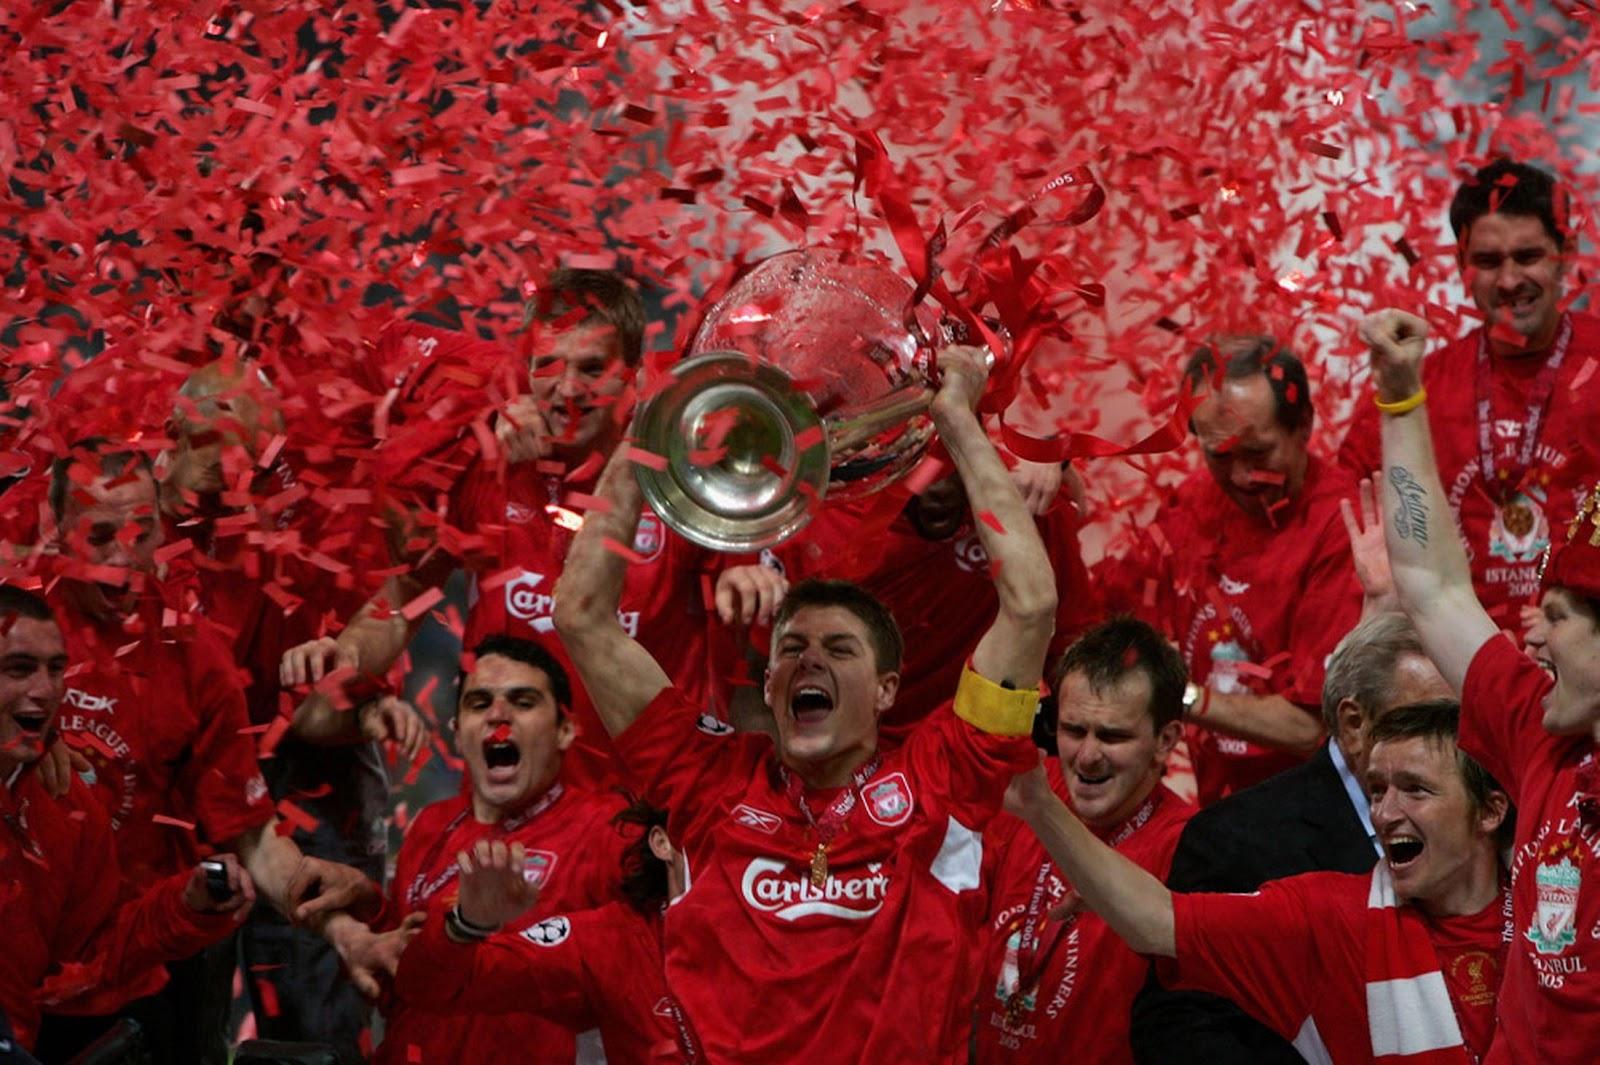 Kết quả hình ảnh cho Liverpool vs AC Milan | 3-3 (2005 UEFA CL Final)